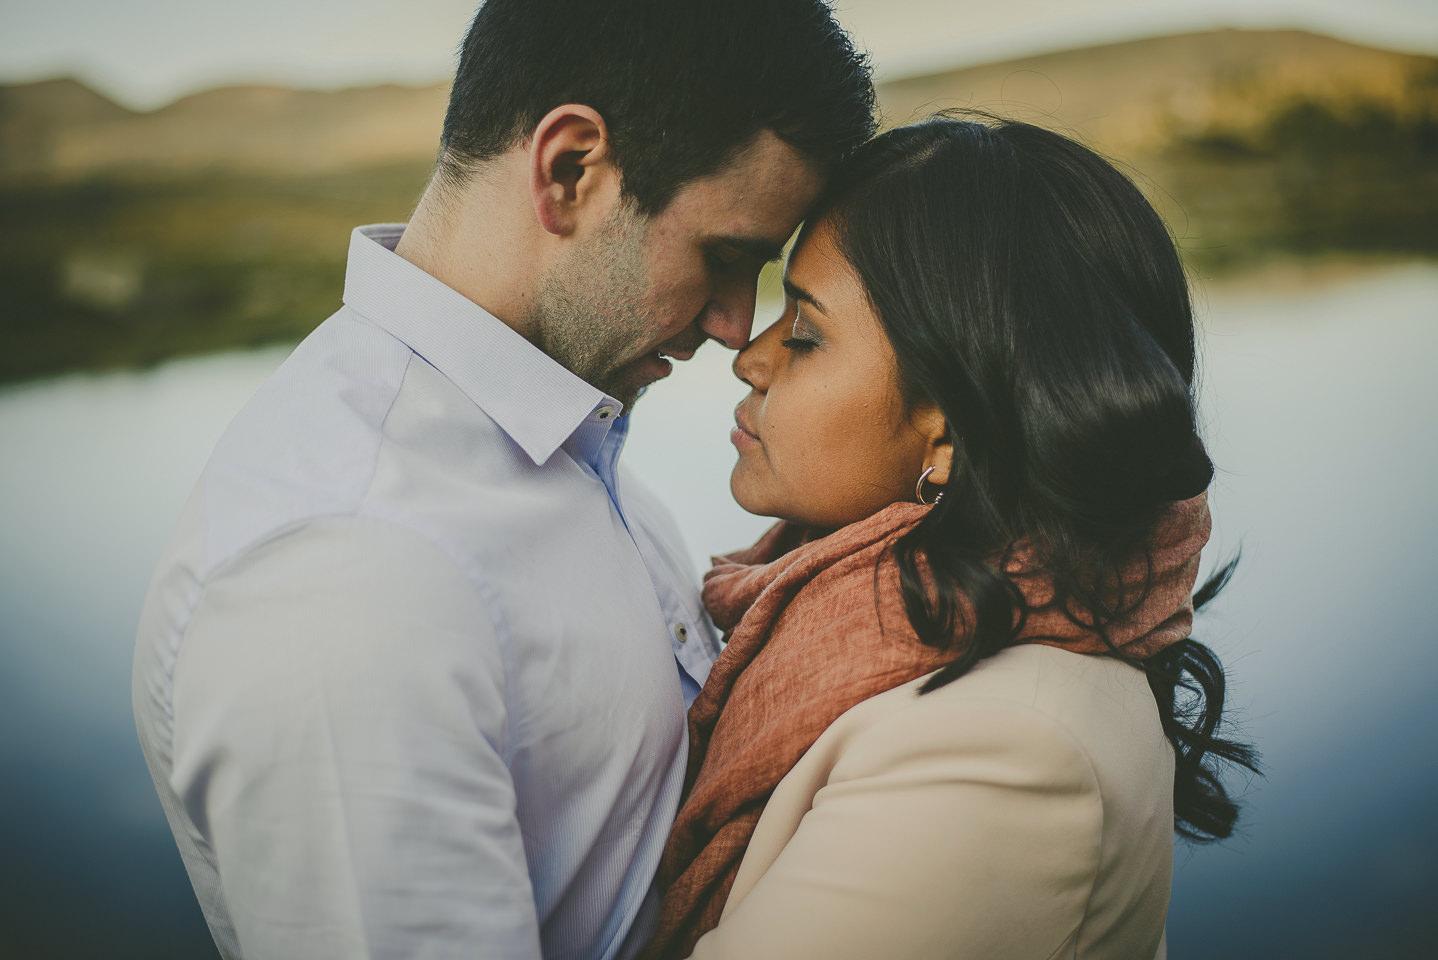 9. HAZ UNA SESIÓN PREBODA   La preboda es un reportaje de fotos anterior a la boda que se realiza como mínimo un mes o varios meses antes. Puedes utilizar también las fotos para realizar la invitación de la boda.  Se aconseja la preboda porque es una forma de conocer al fotógrafo y que él os conozca. El día de la boda estaréis más relajados y podréis disfrutar a tope ya que el fotógrafo no os será un desconocido.  Cuanto menos pienses que hay alguien realizando fotos, más naturales serán. Y eso es lo mejor de todo porque se captan momentos más especiales y lo más importante, no estarás pendiente de quién está haciendo las fotos, estarás pendiente de tu pareja, amigos, familiares y de ti. Luego será un recuerdo genial que te encantará. De captar la boda ya se ocupará el fotógrafo. ¡Vosotros a disfrutar!